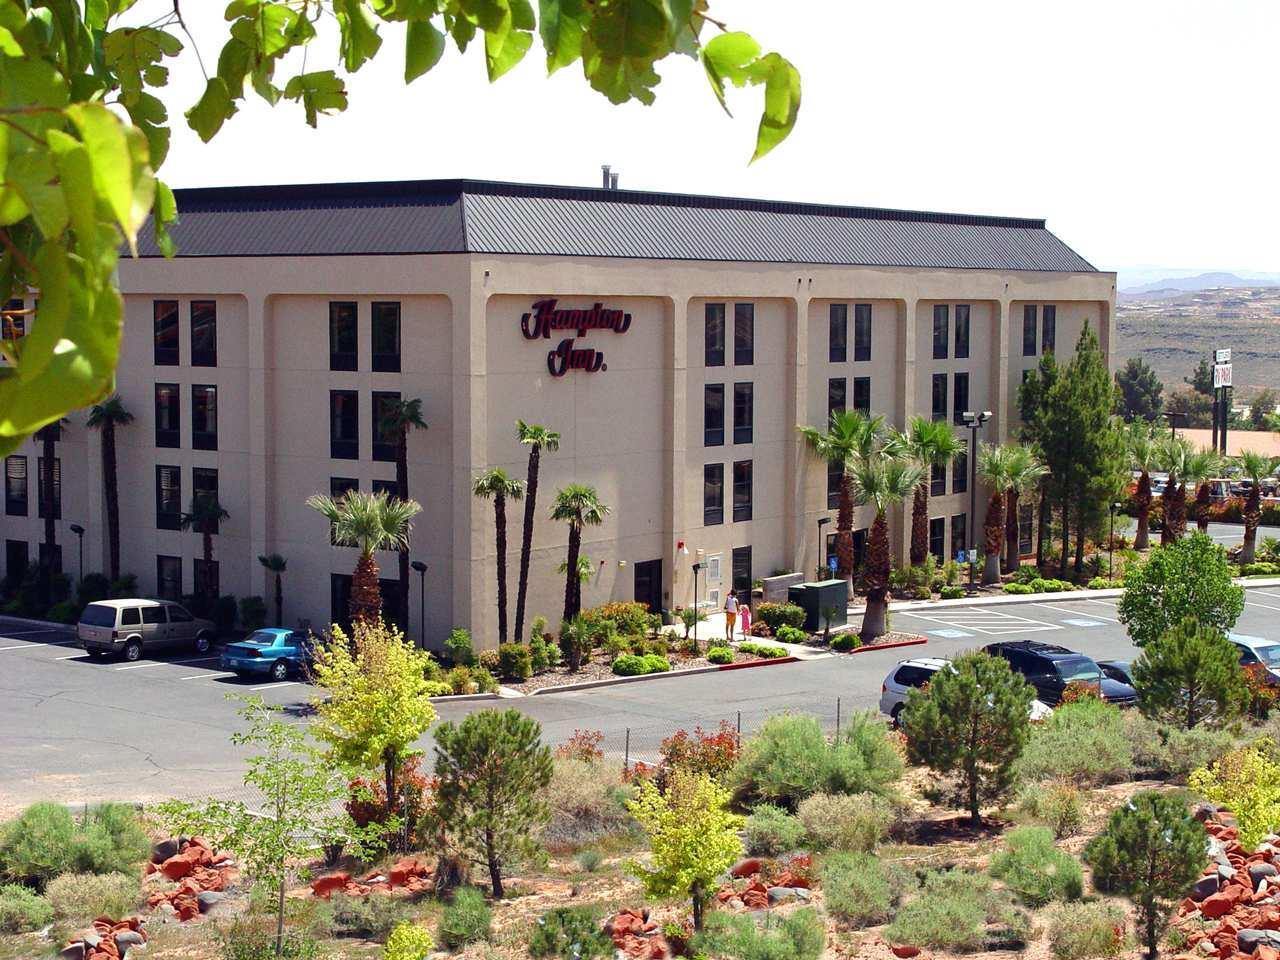 Hampton Inn St. George image 0